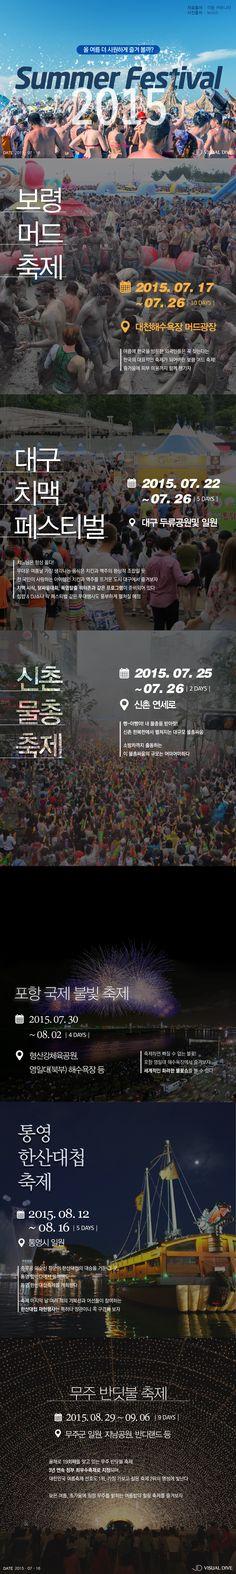 '올 여름을 더 쿨하게!'…2015 여름 축제 TOP6 [인포그래픽] #Summer_Festival / #Infographic ⓒ 비주얼다이브…